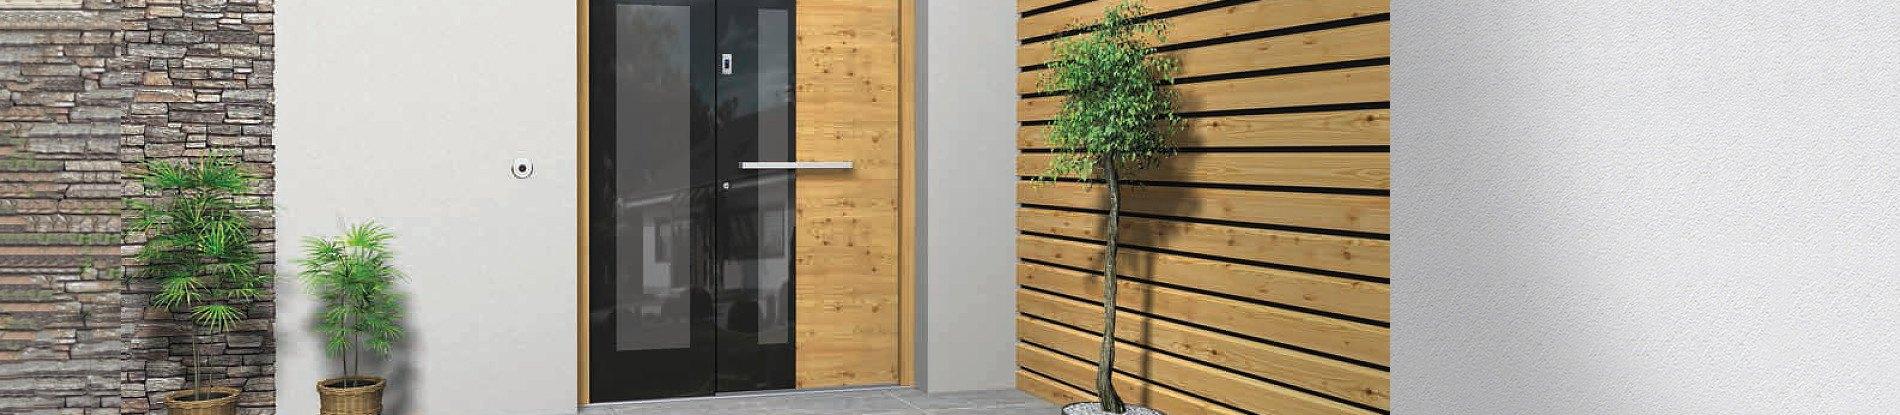 Porte D Entrée En Bois Massif Prix portes d'entrée en bois » grand choix sur | neuffer.fr